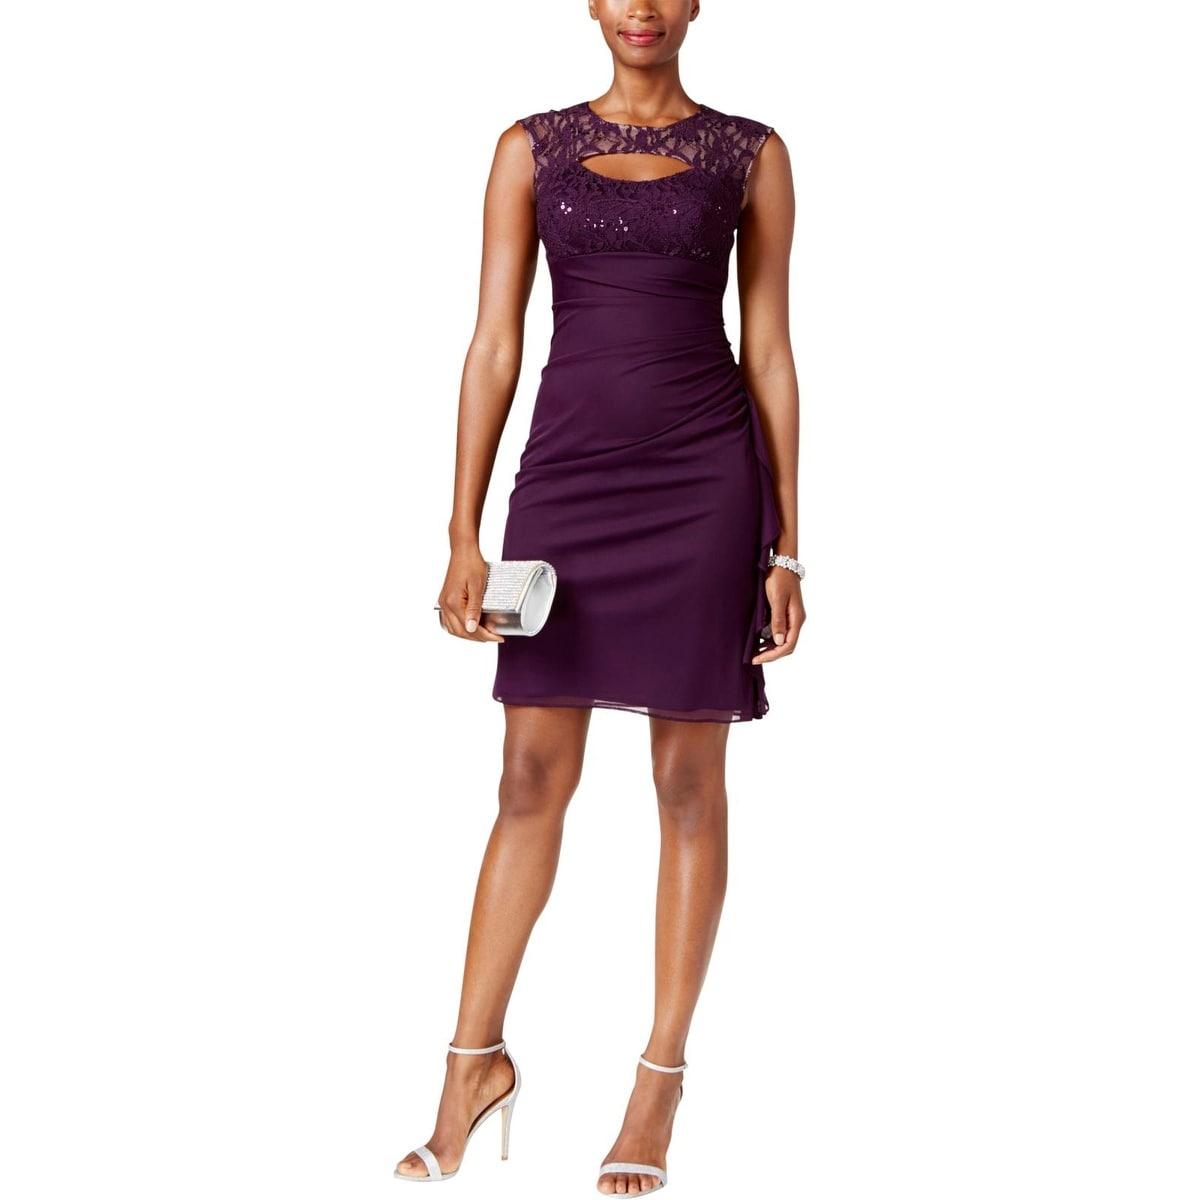 0f0a2799b1b Semi Formal Dresses Ladies | Saddha